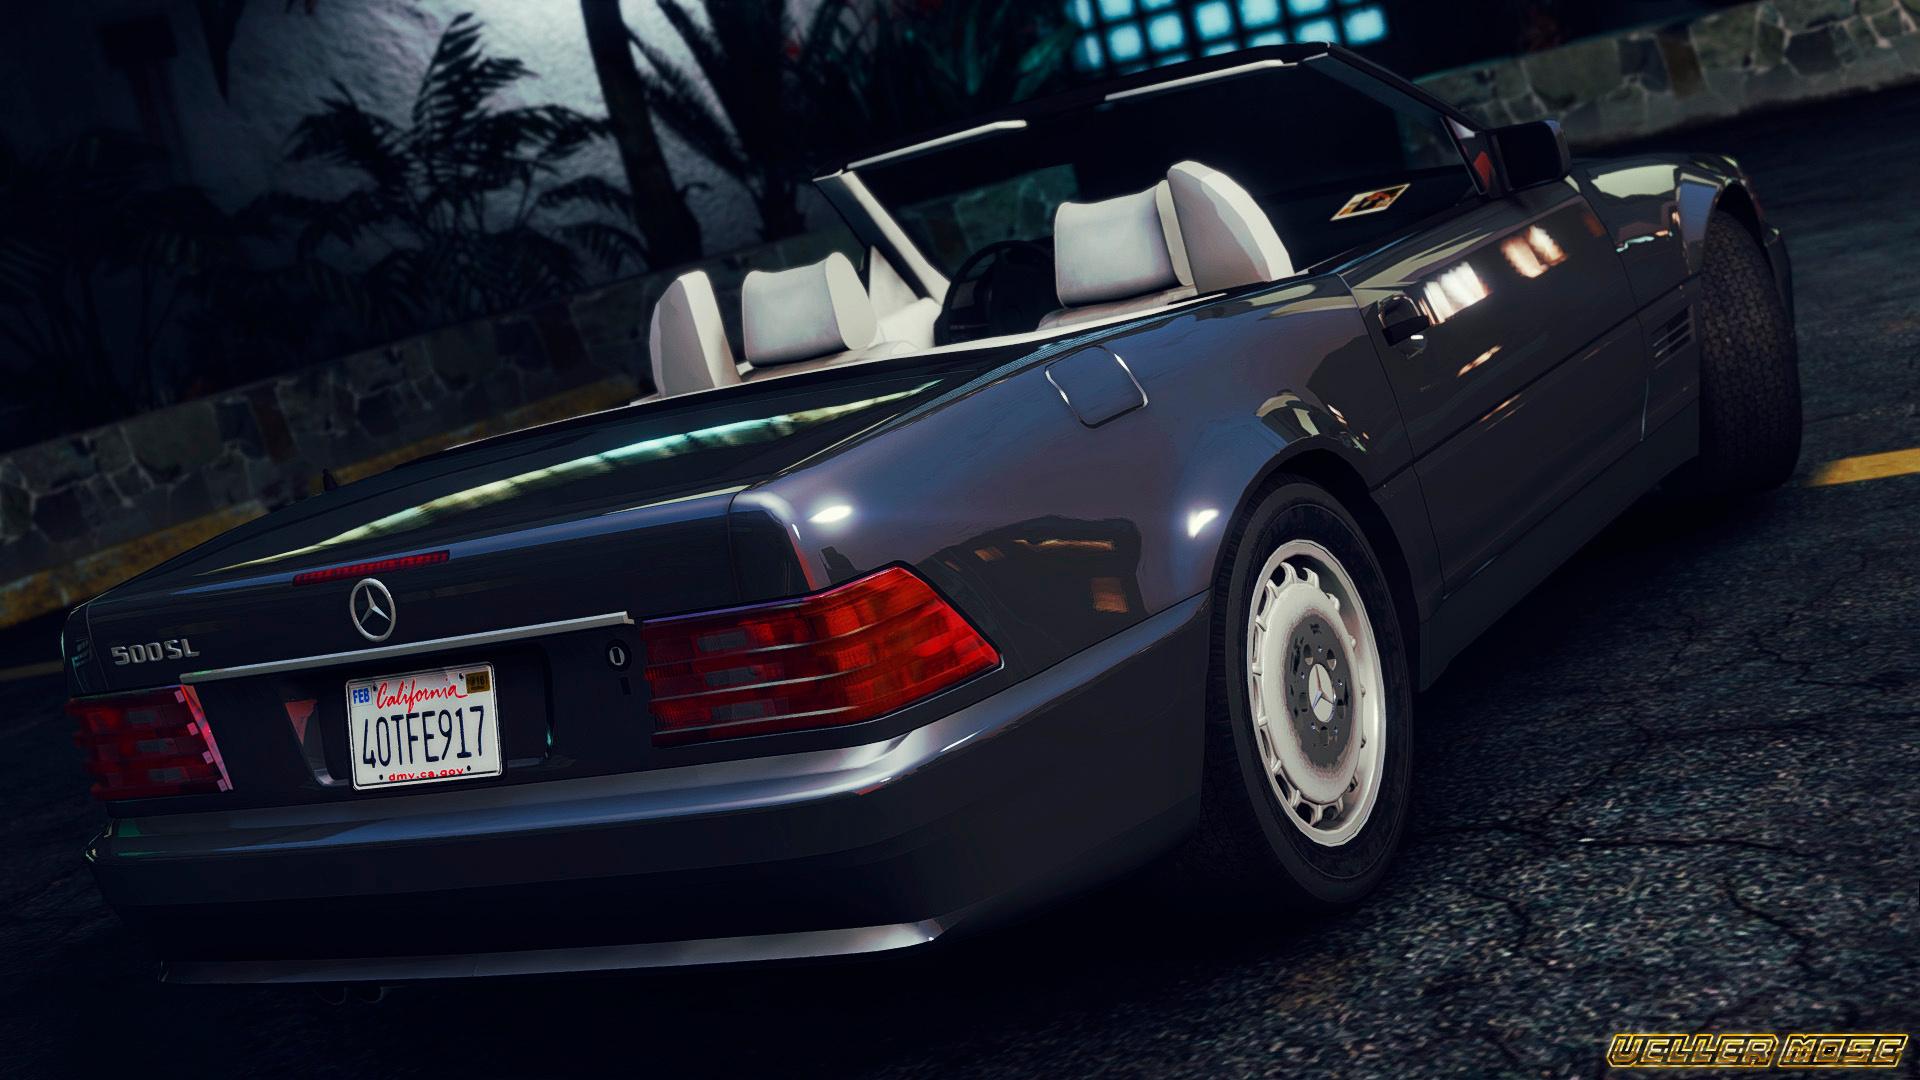 1989 mercedes benz 500 sl gta5 for Mercedes benz sl 500